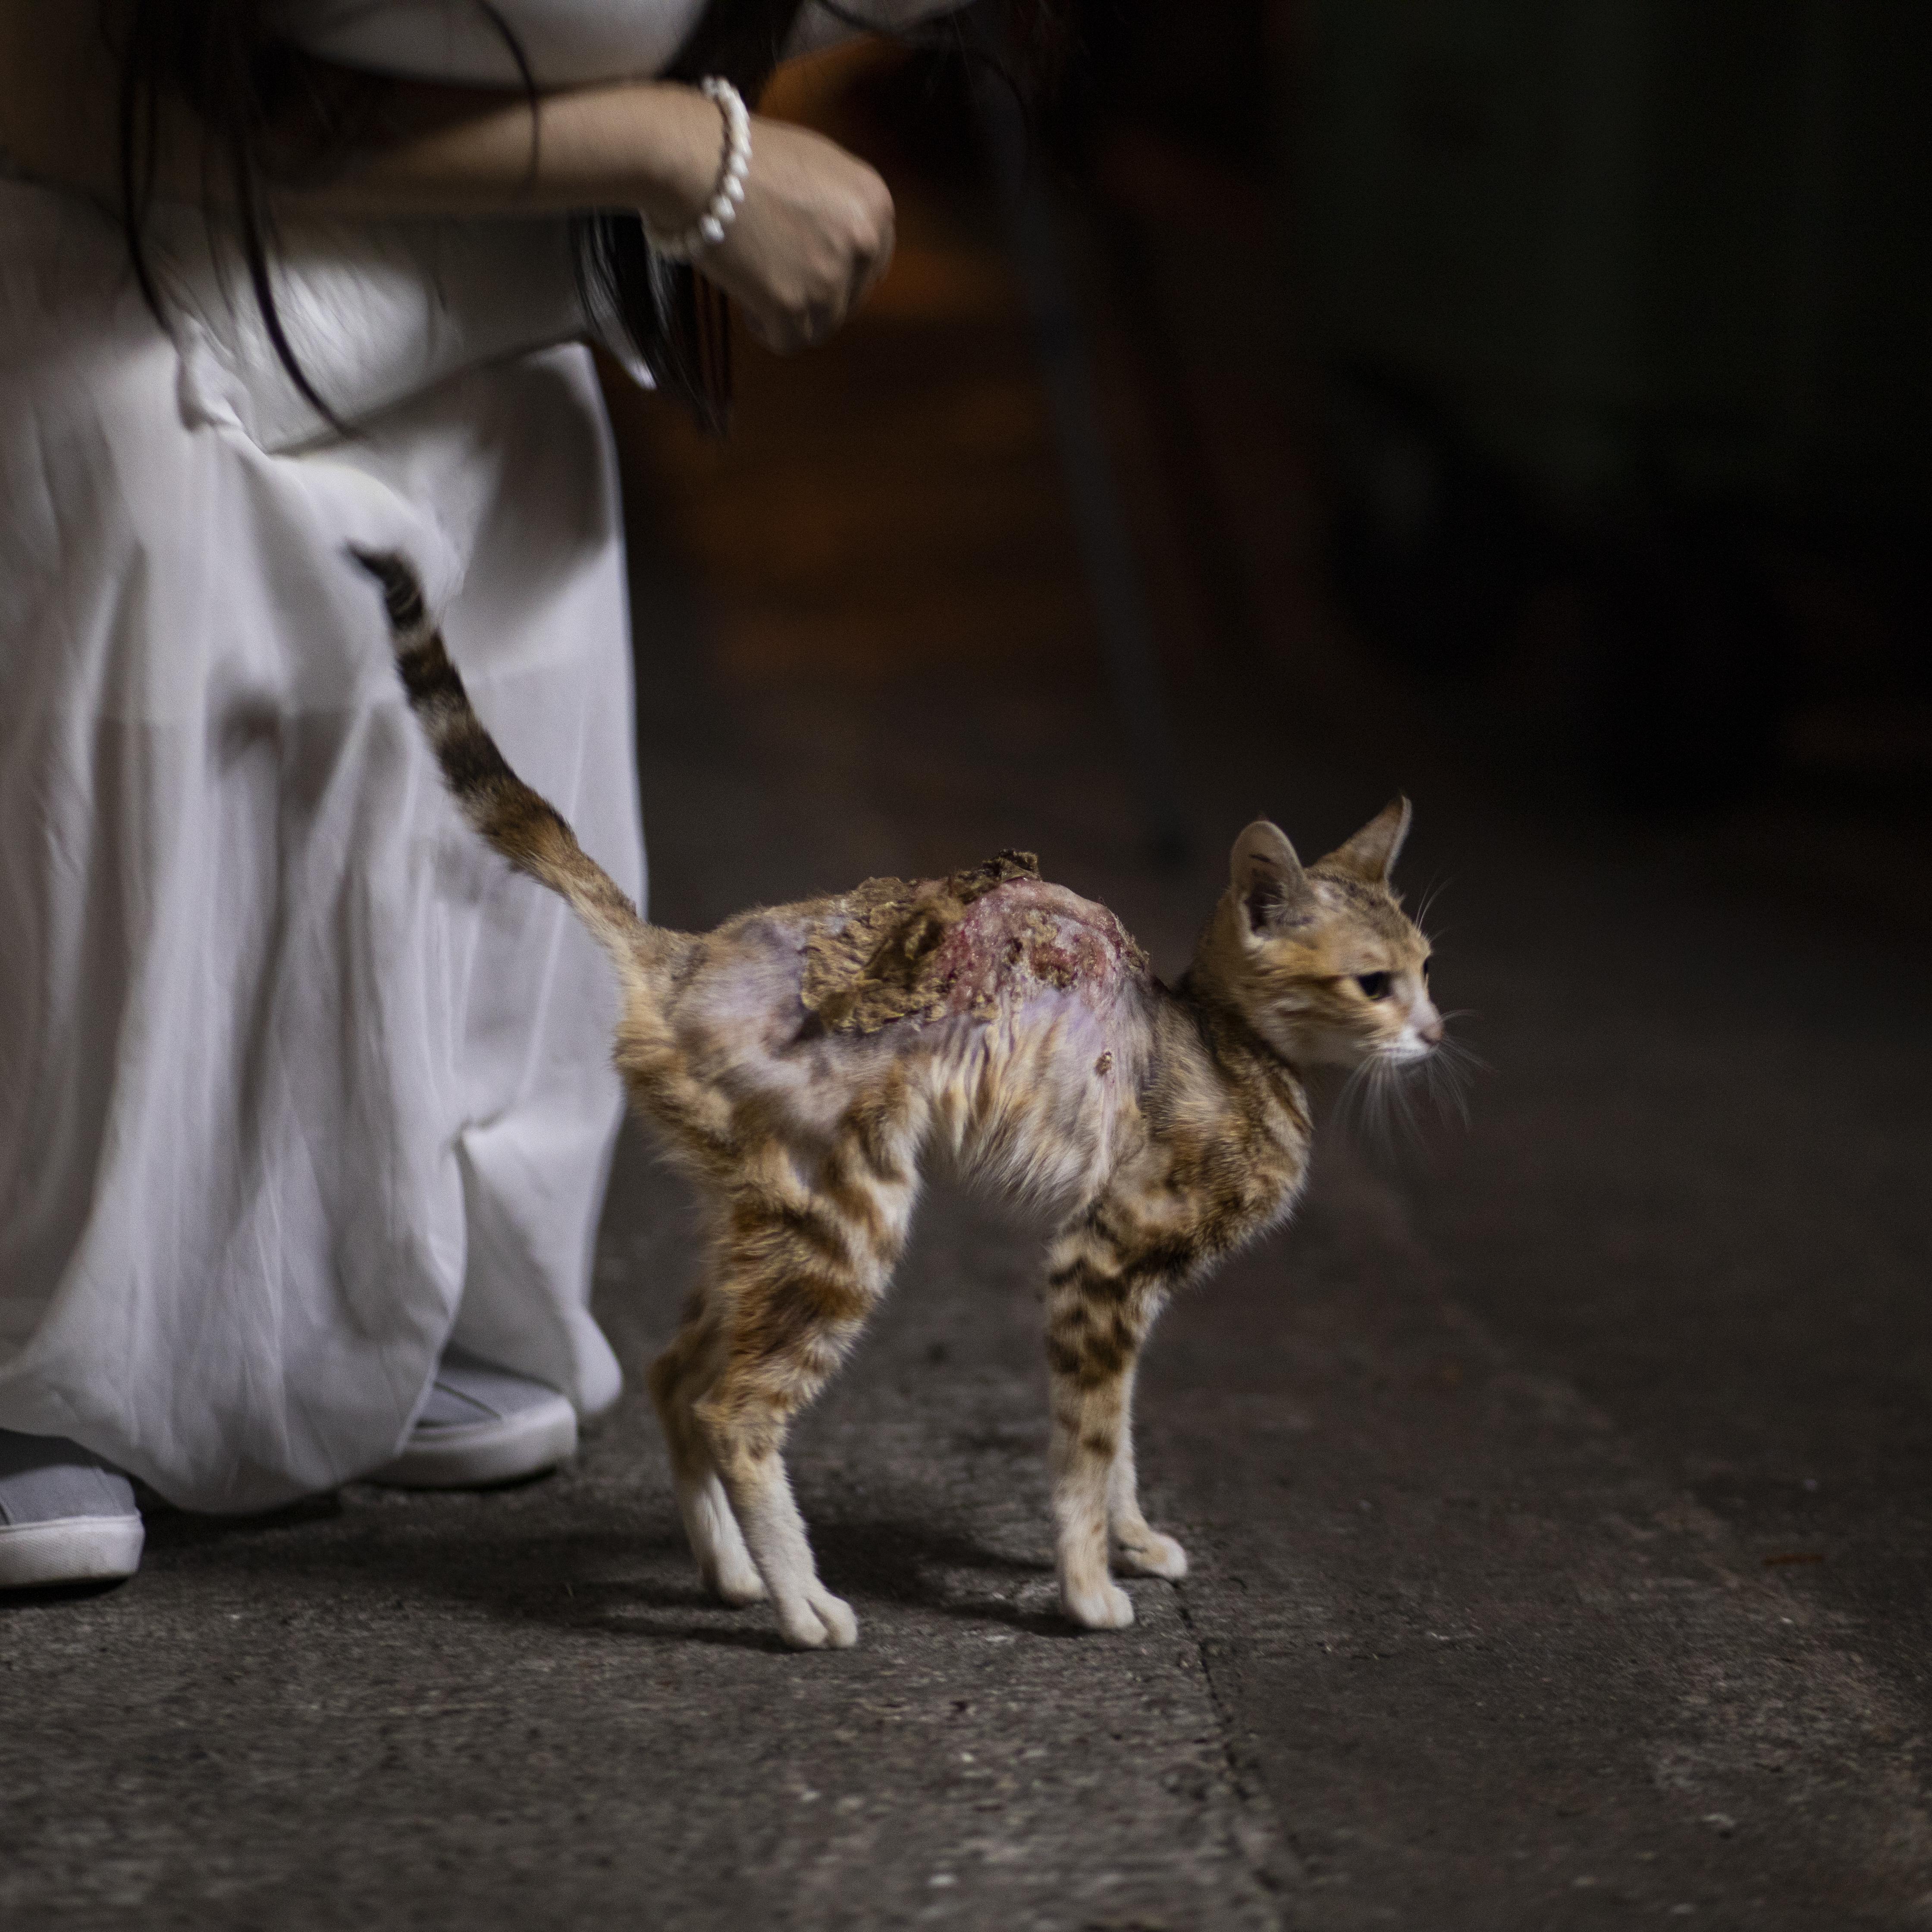 Max第一次遇見花生時候,它頸部至尾部出現傷口糜爛出血的情況。